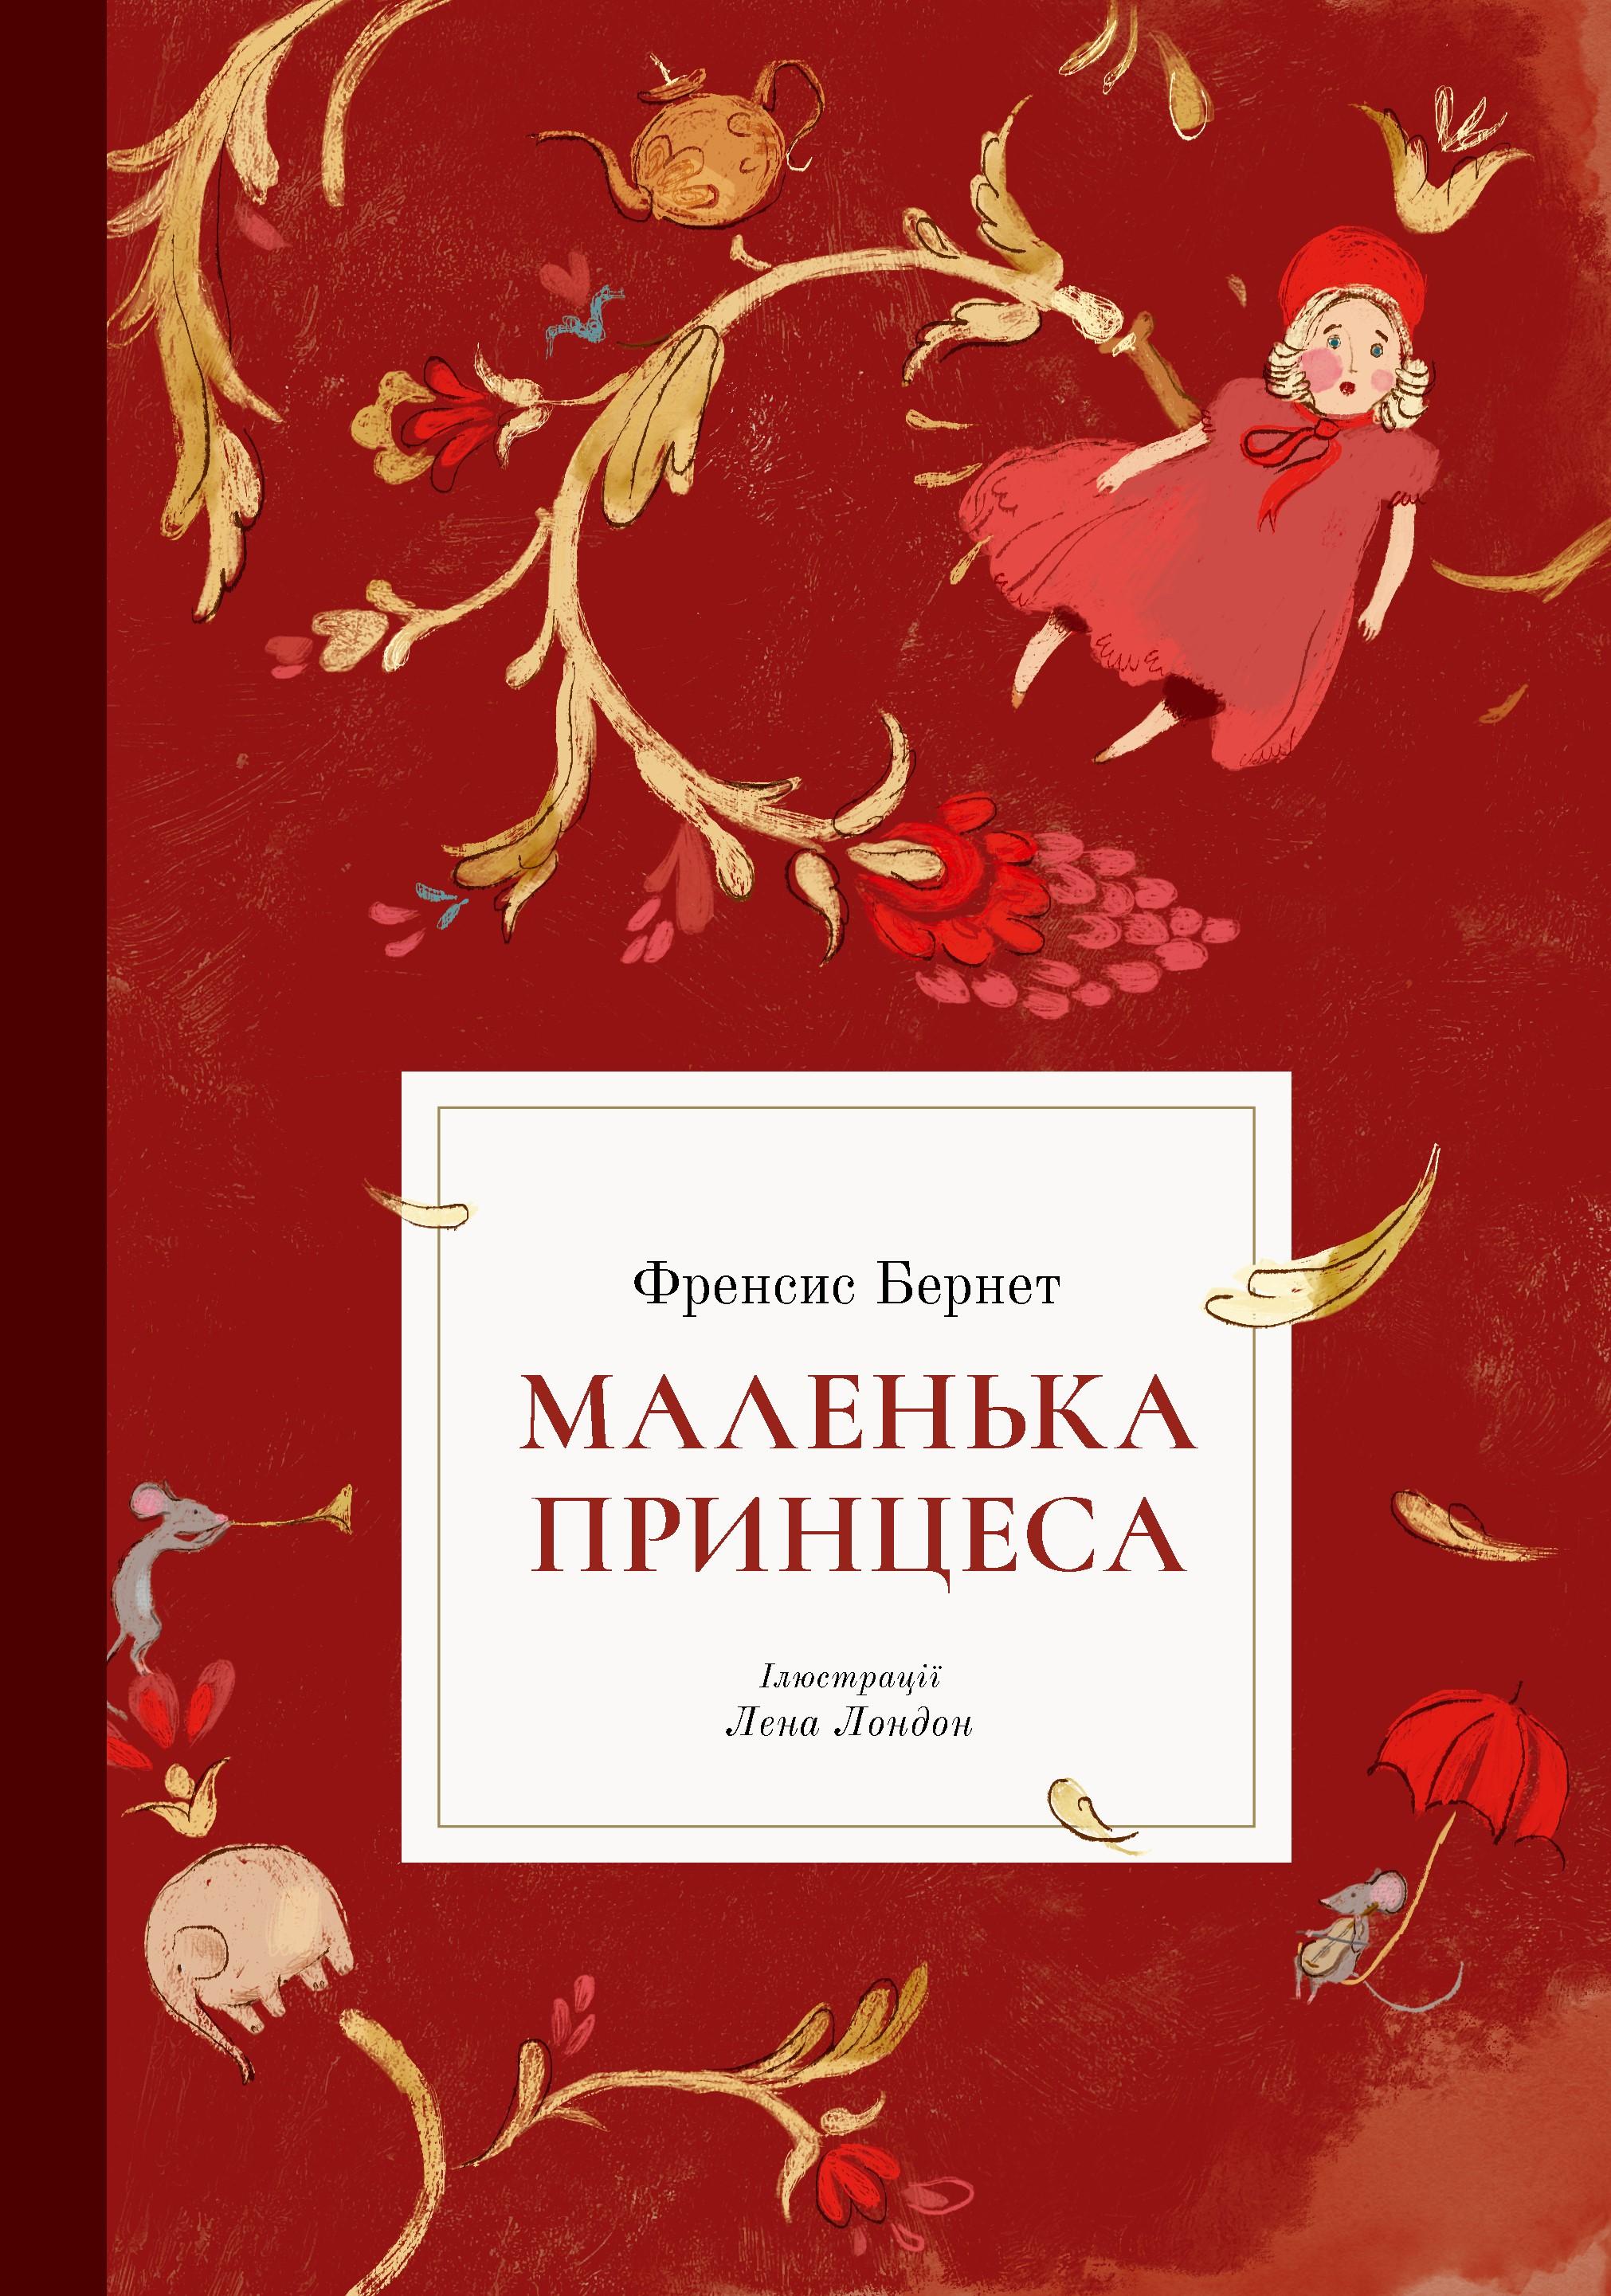 Маленька принцеса (видання українською мовою)